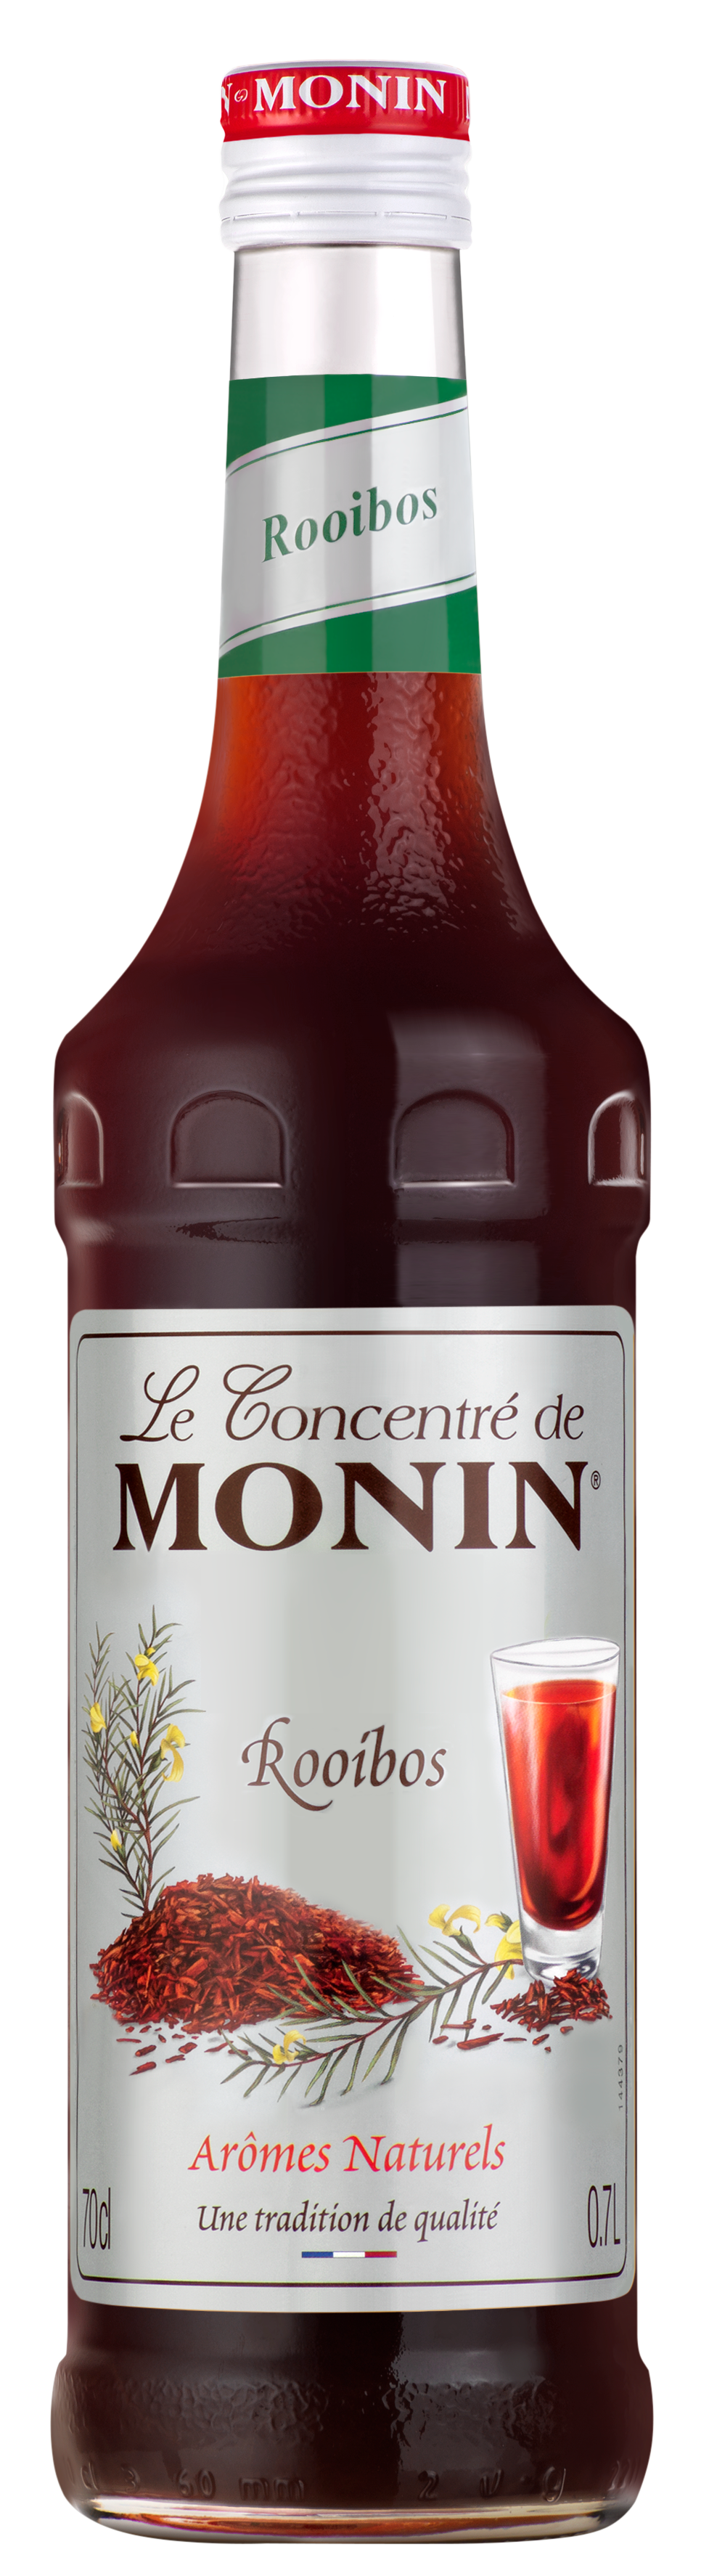 Concentré de Rooibos, Monin (70 cl)